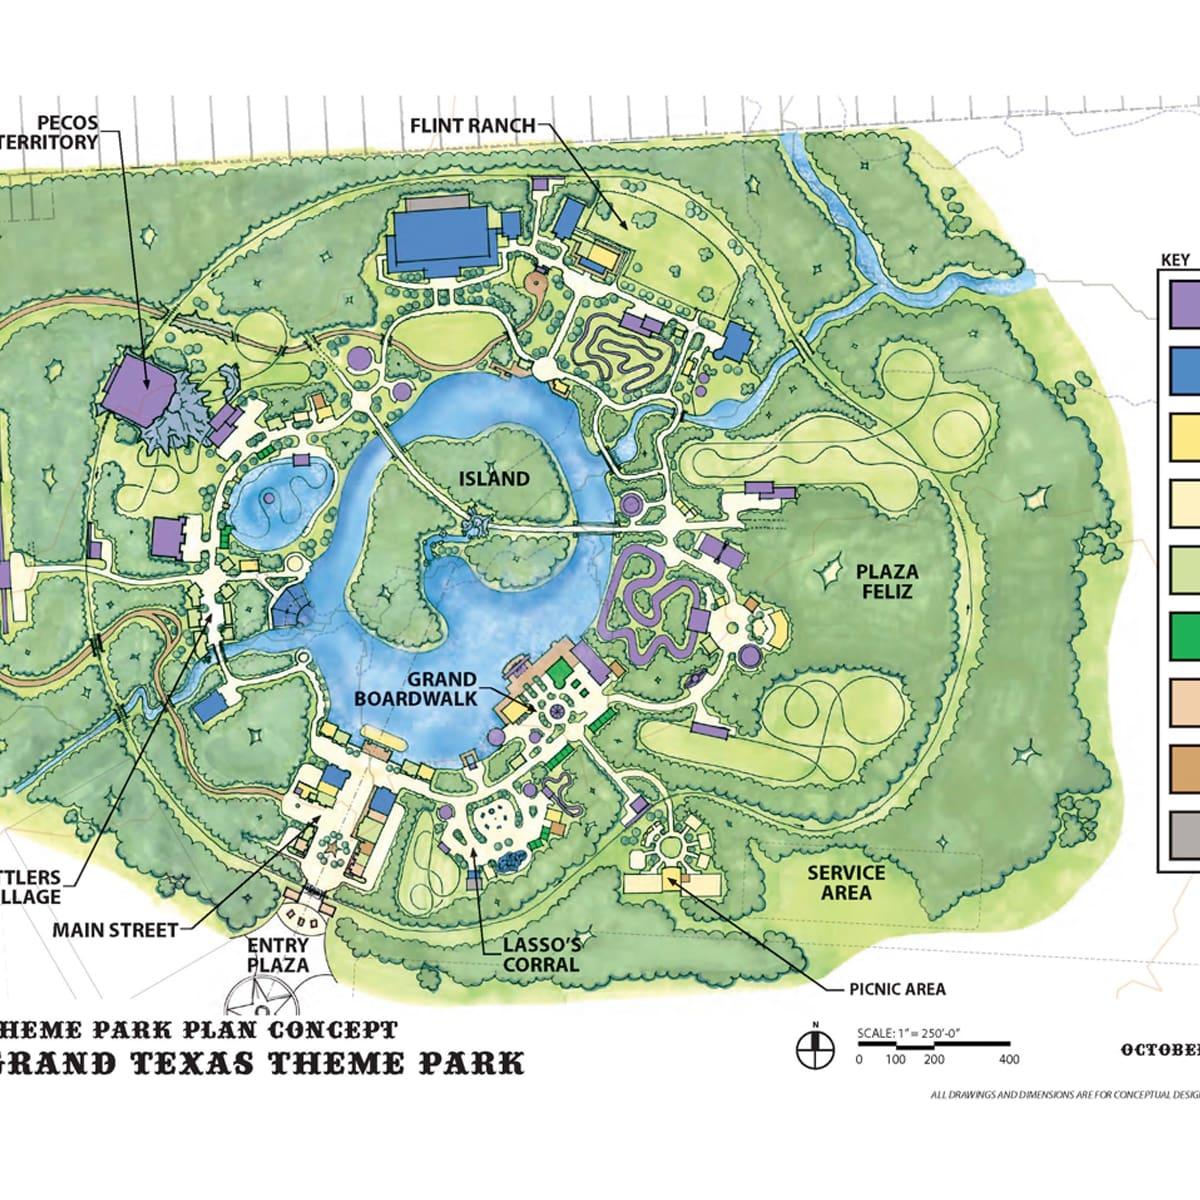 Grand Texas theme park plan concept